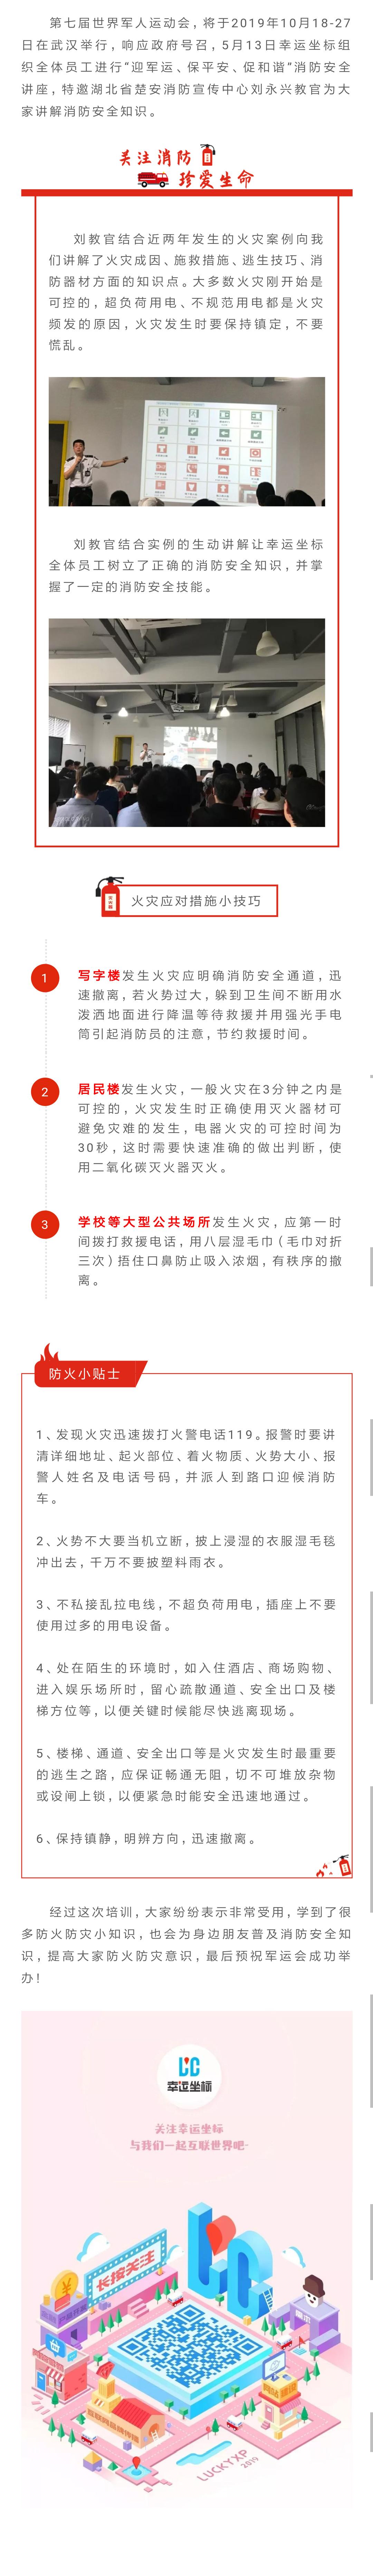 消防安全讲座,关注消防,从我做起(5.15).jpg